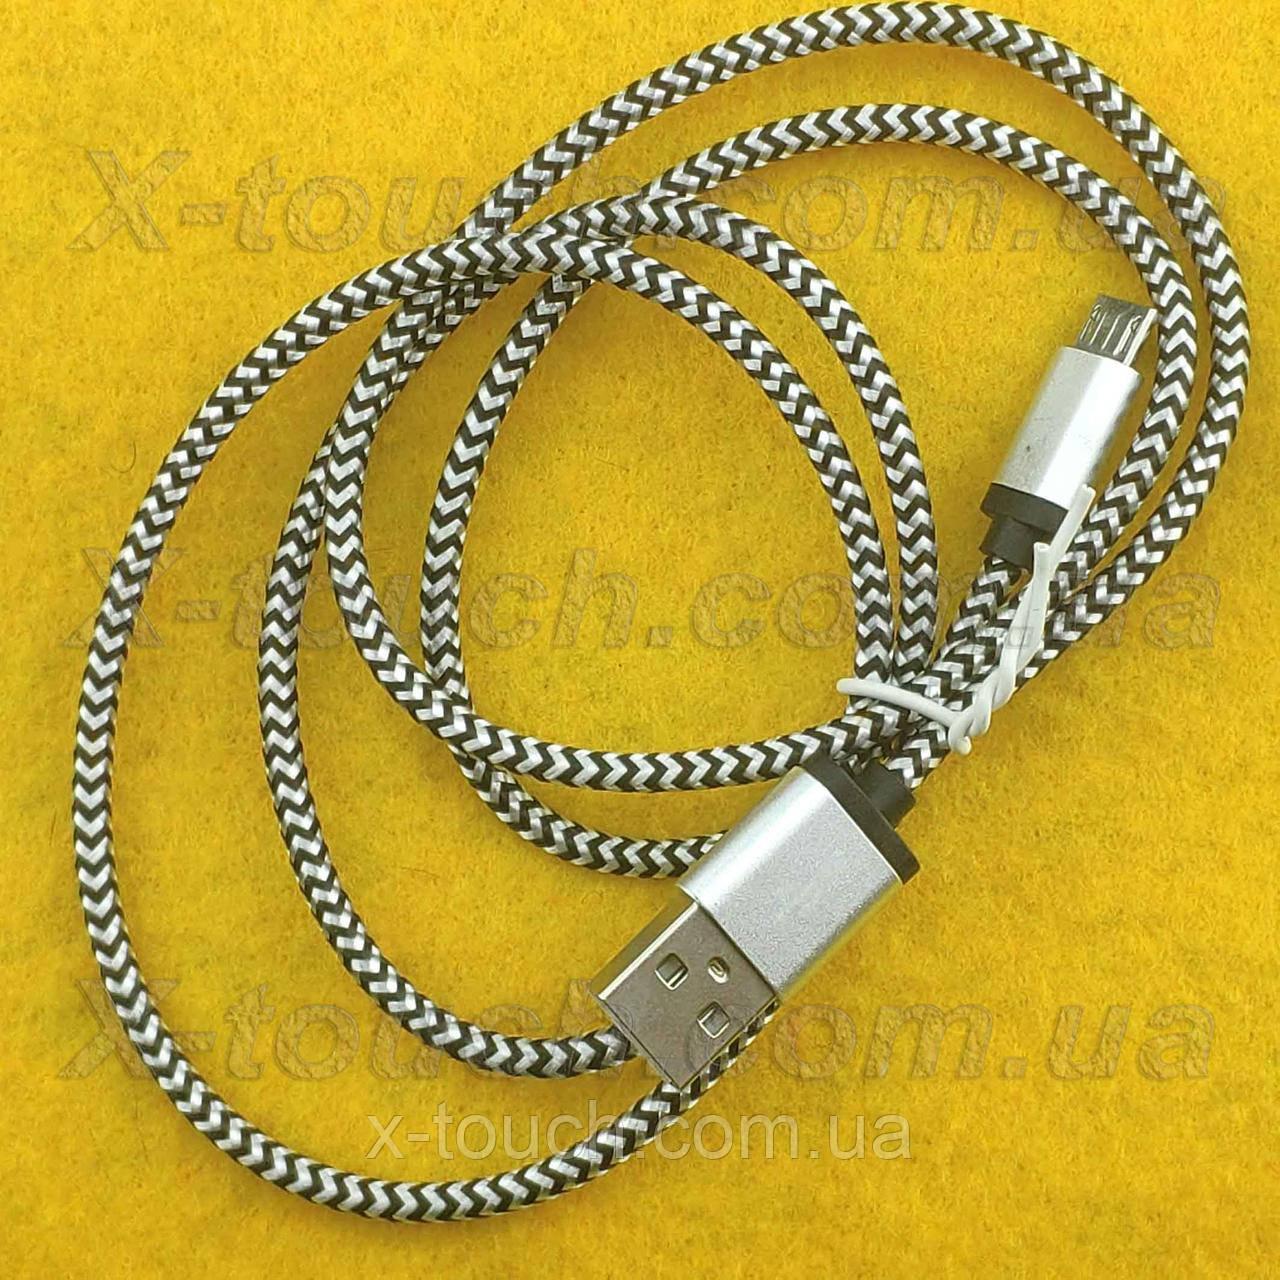 USB - Micro USB кабель в тканевой оболочке 1 м, Шнур micro usb 2.0 для Bravis ( цвет белый)